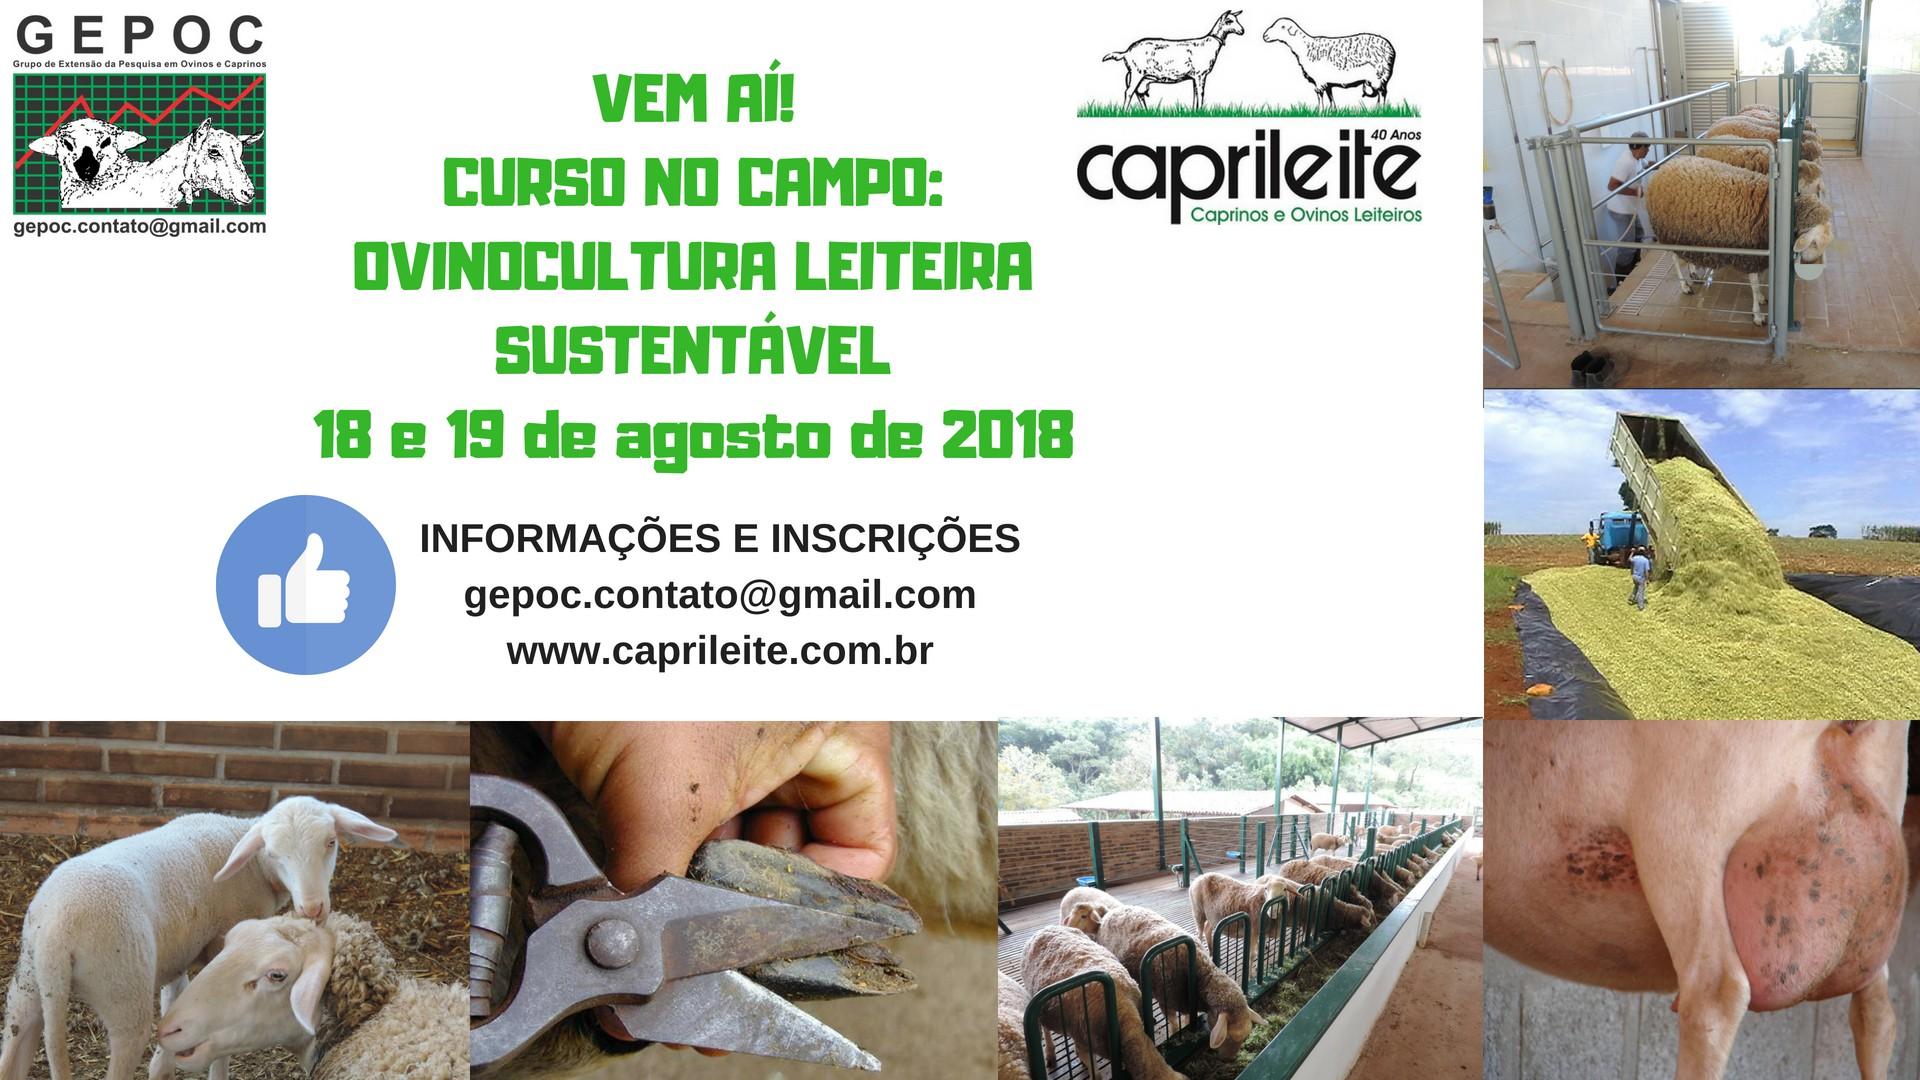 CURSO NO CAMPOOVINOCULTURA LEITEIRA SUSTENTÁVEL 18 e 19/08/2018 PARTICIPE!